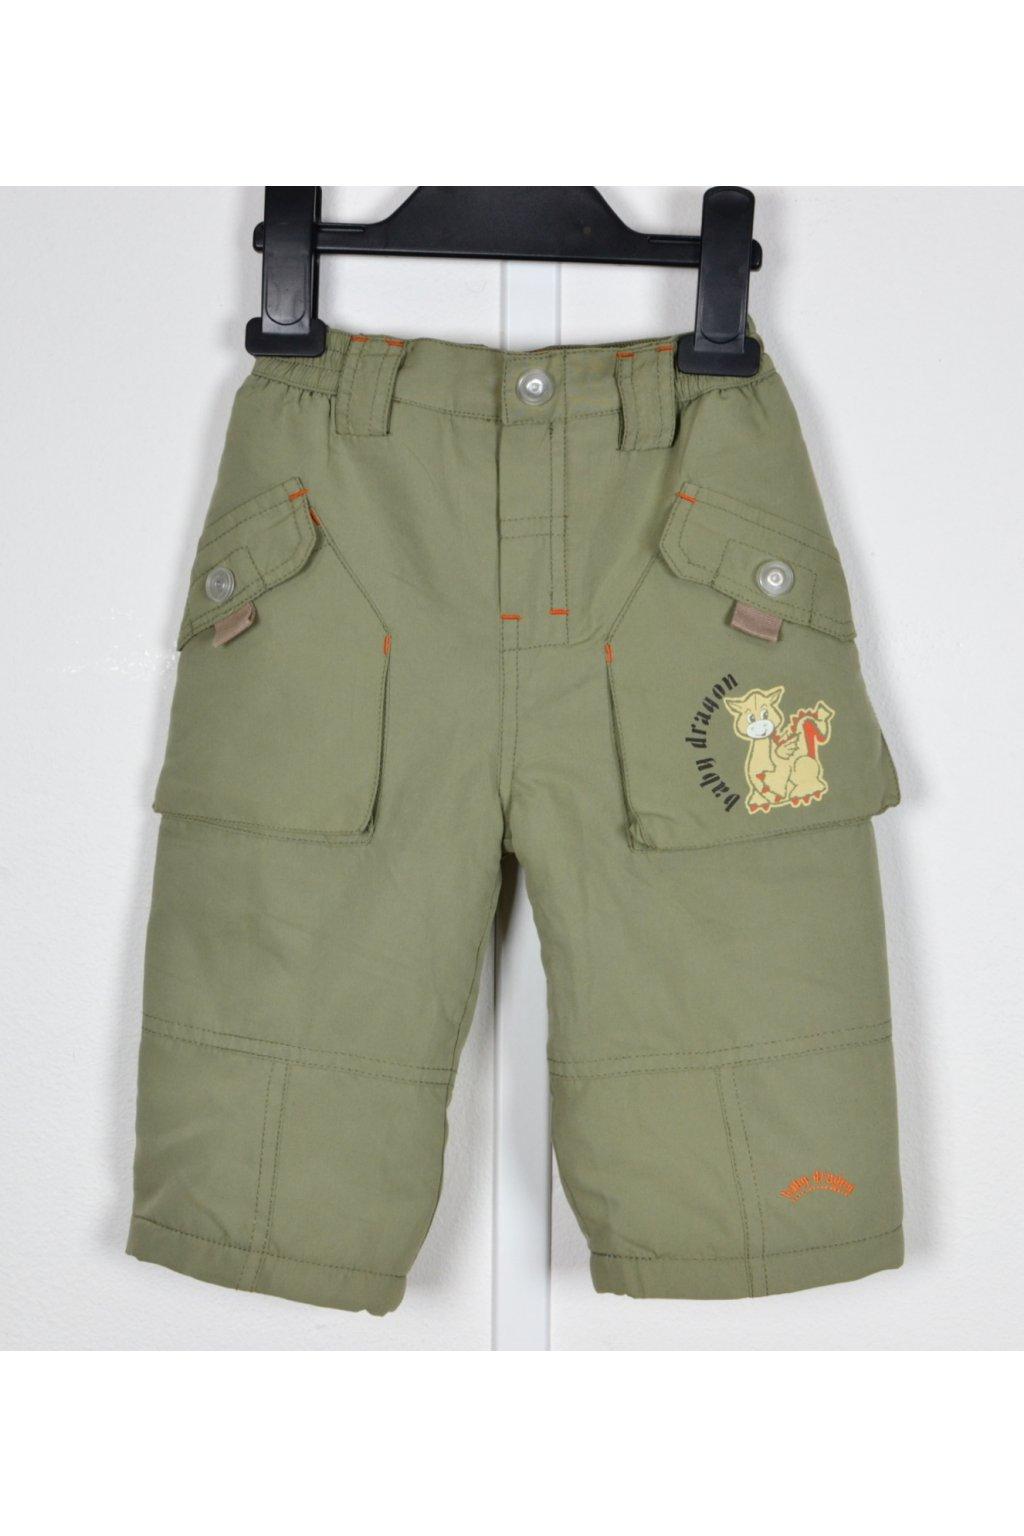 Kalhoty zimní zateplené vel 74 zelené khaki